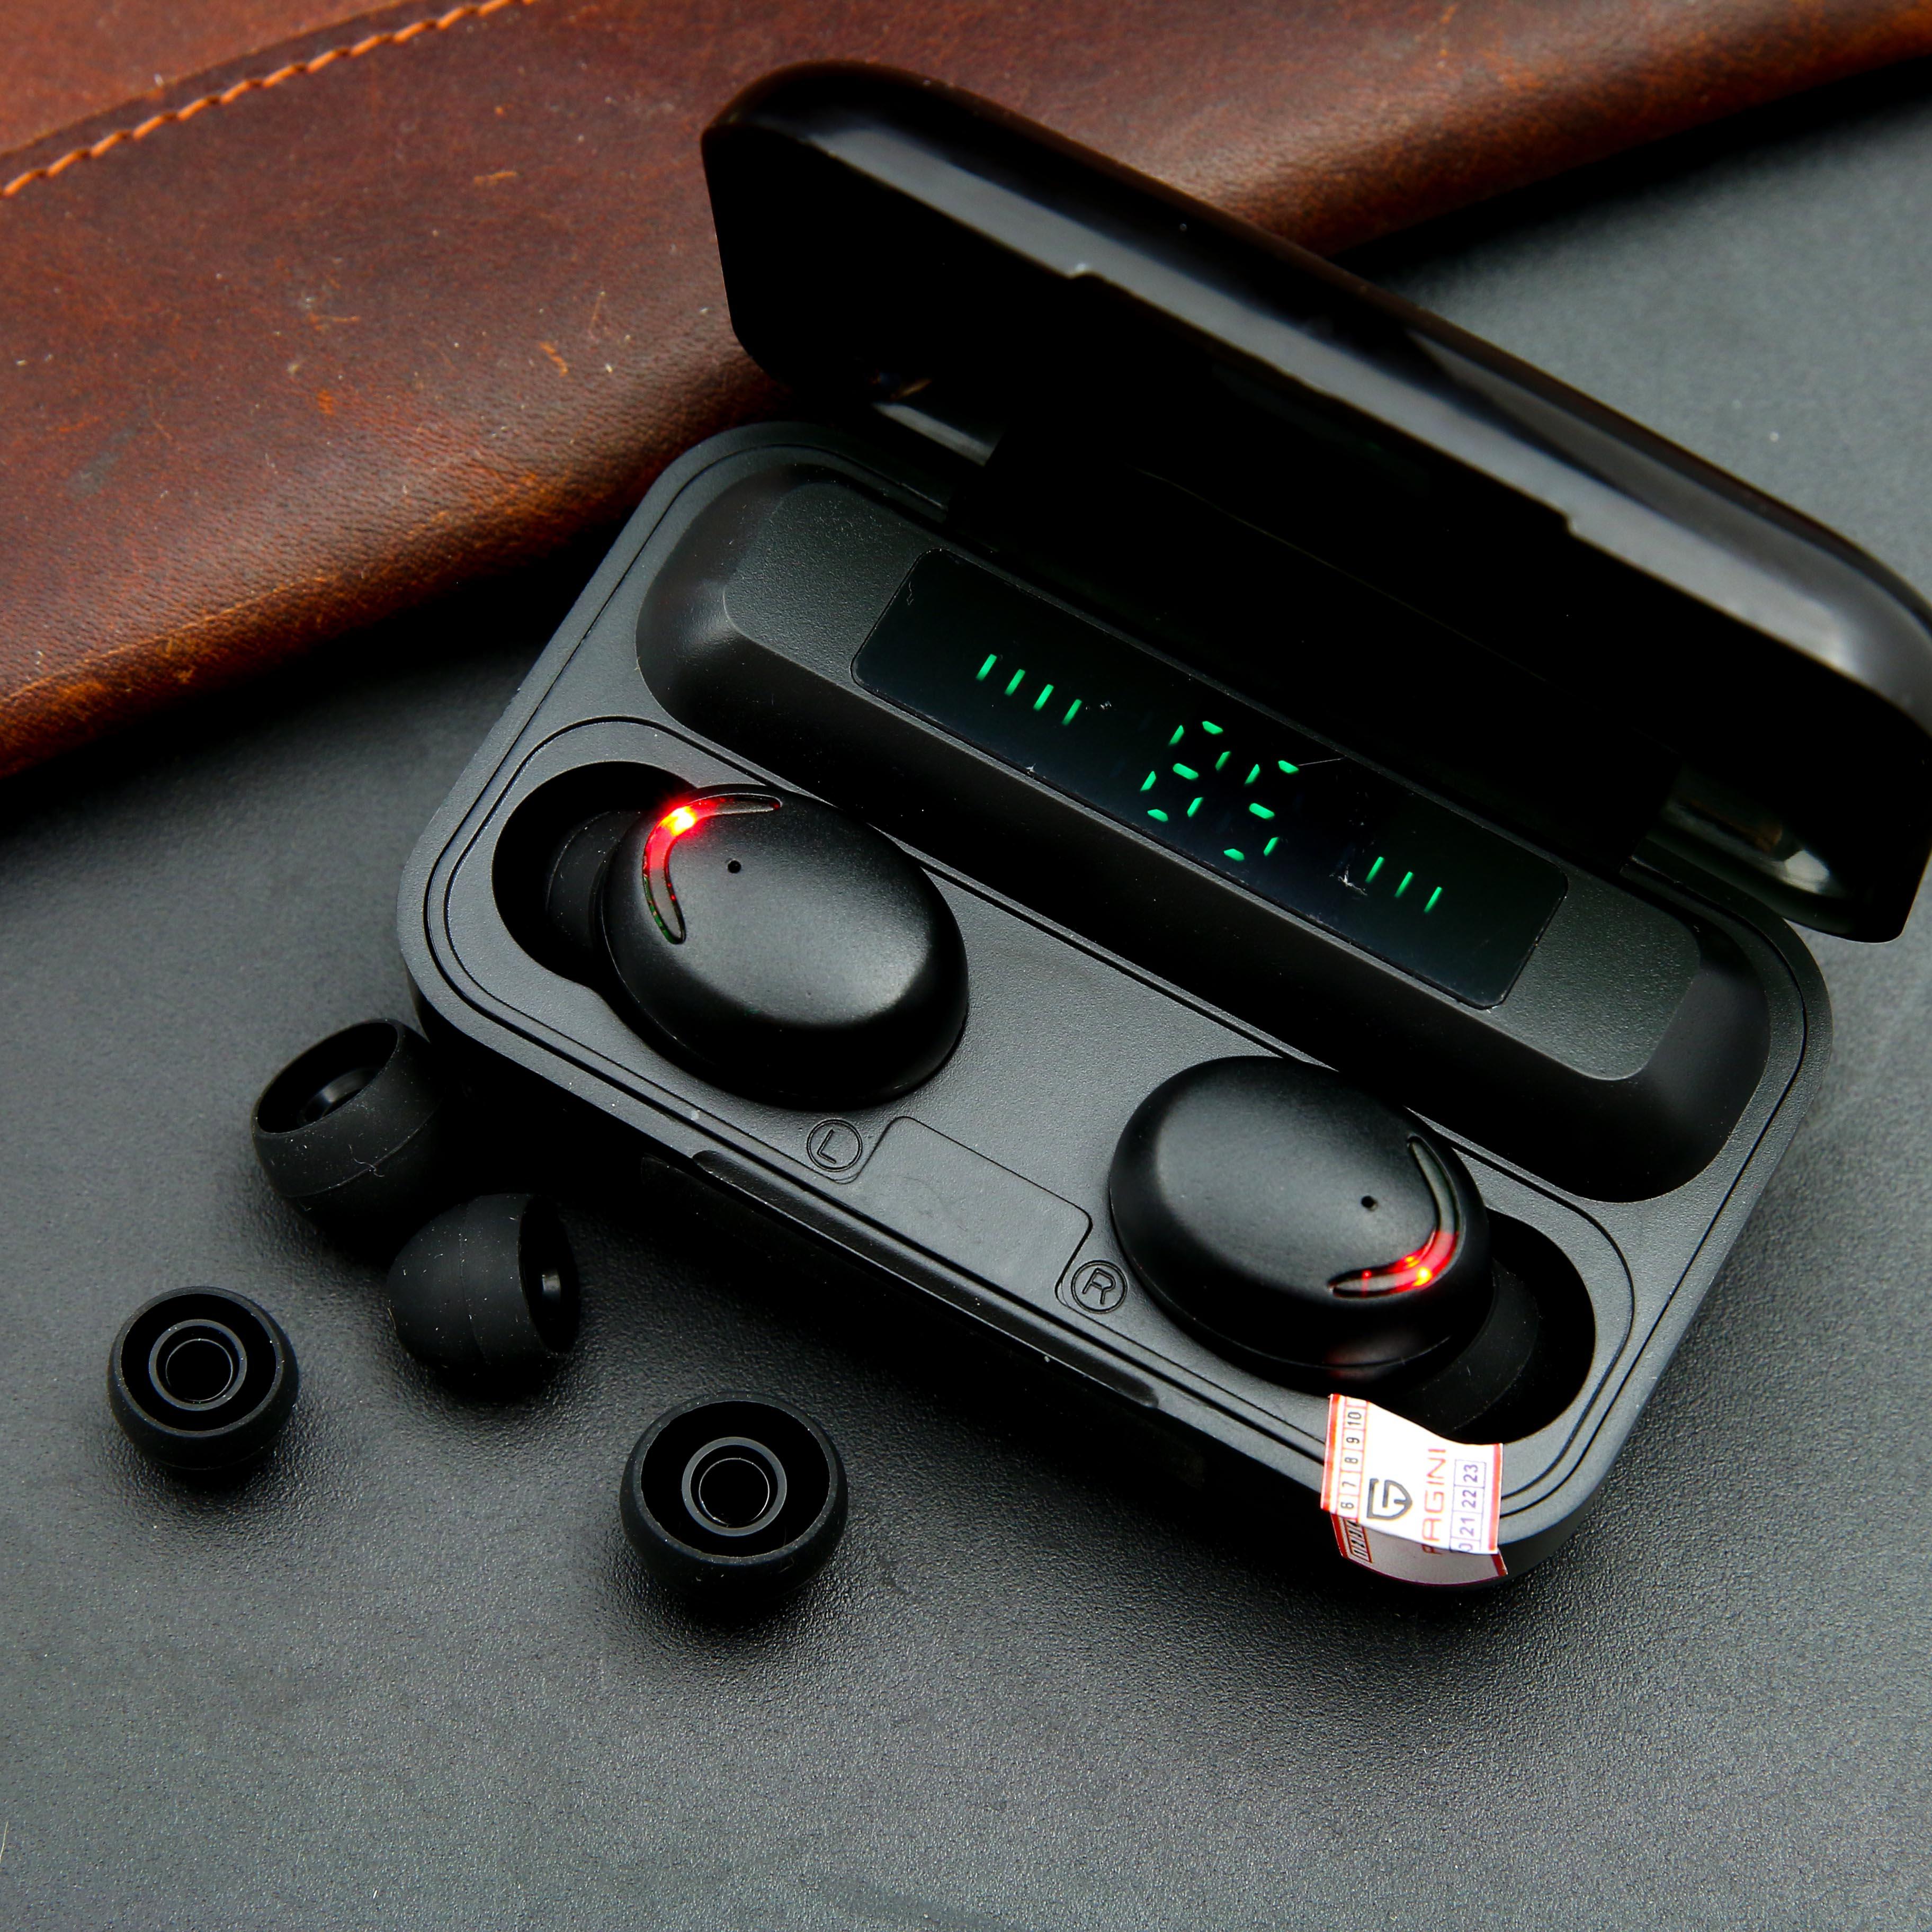 Tai nghe bluetooth PAGINI F9 Pro phiên bản mới nhất năm 2021 – Thiết kế không dây tiện lợi – Hiển thị mức pin - An toàn, dễ sử dụng khi đi xe, đi tập thể dục -  Hàng nhập khẩu